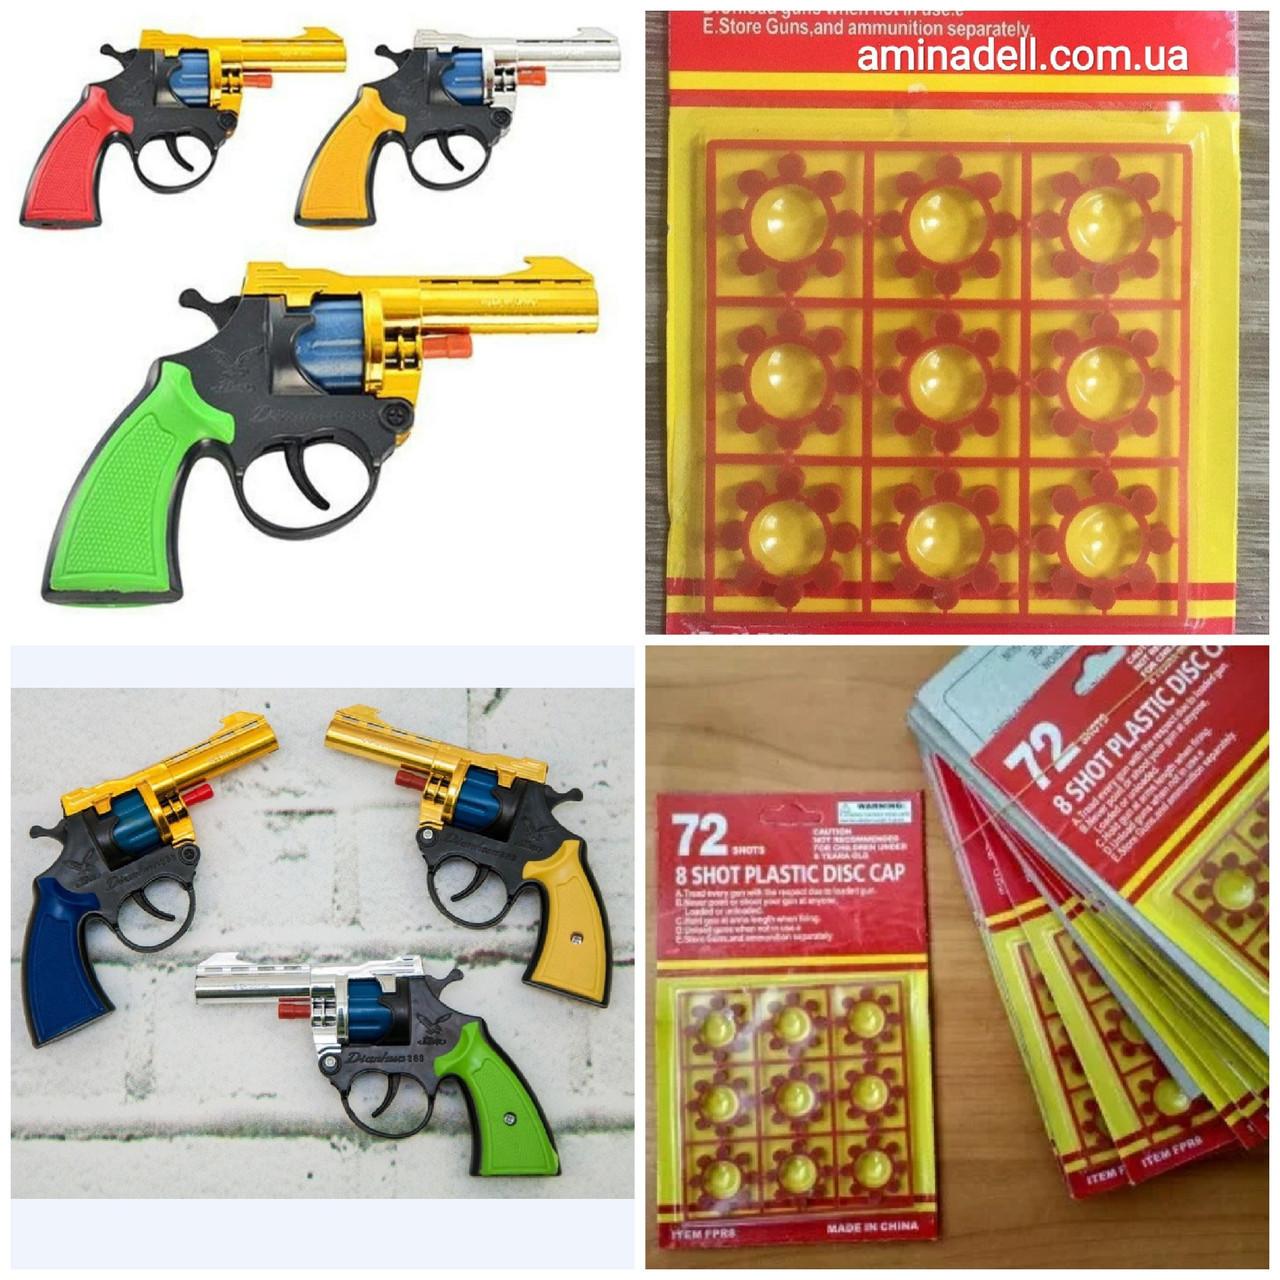 Набор: Пистолет на пистонах + 20 упаковок пистонов